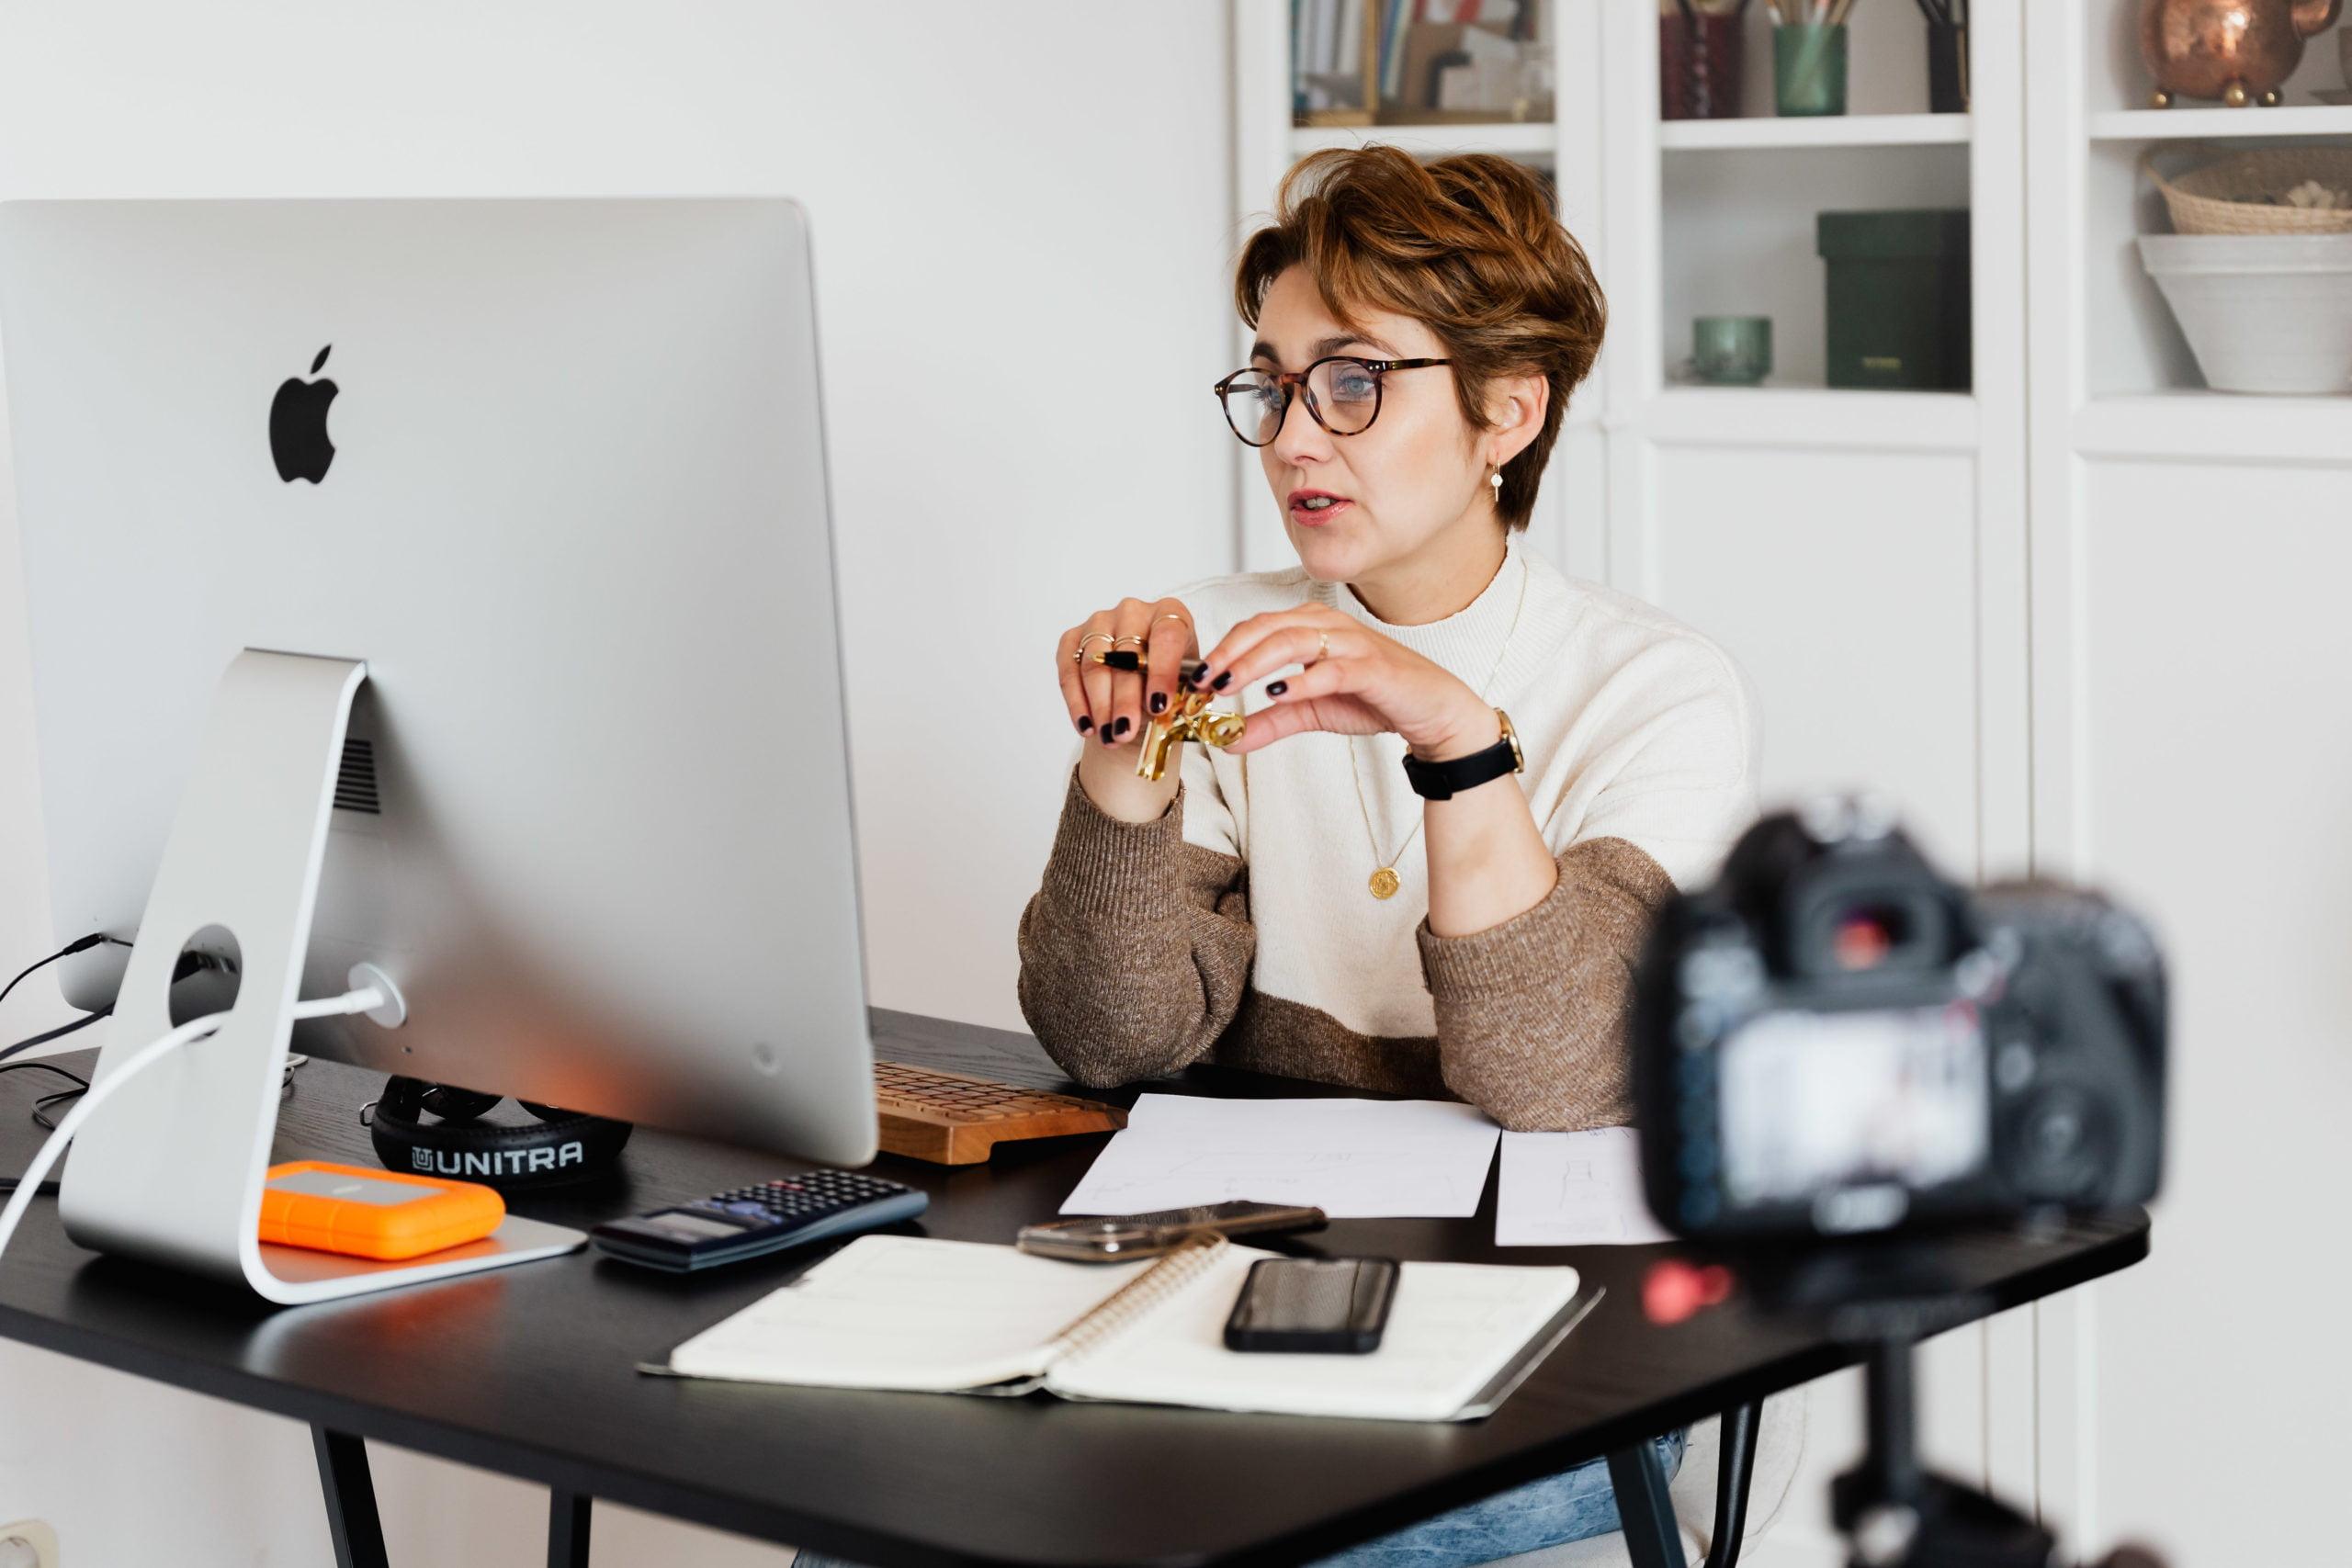 webinaria, praca, zarobki, szkolenie, online